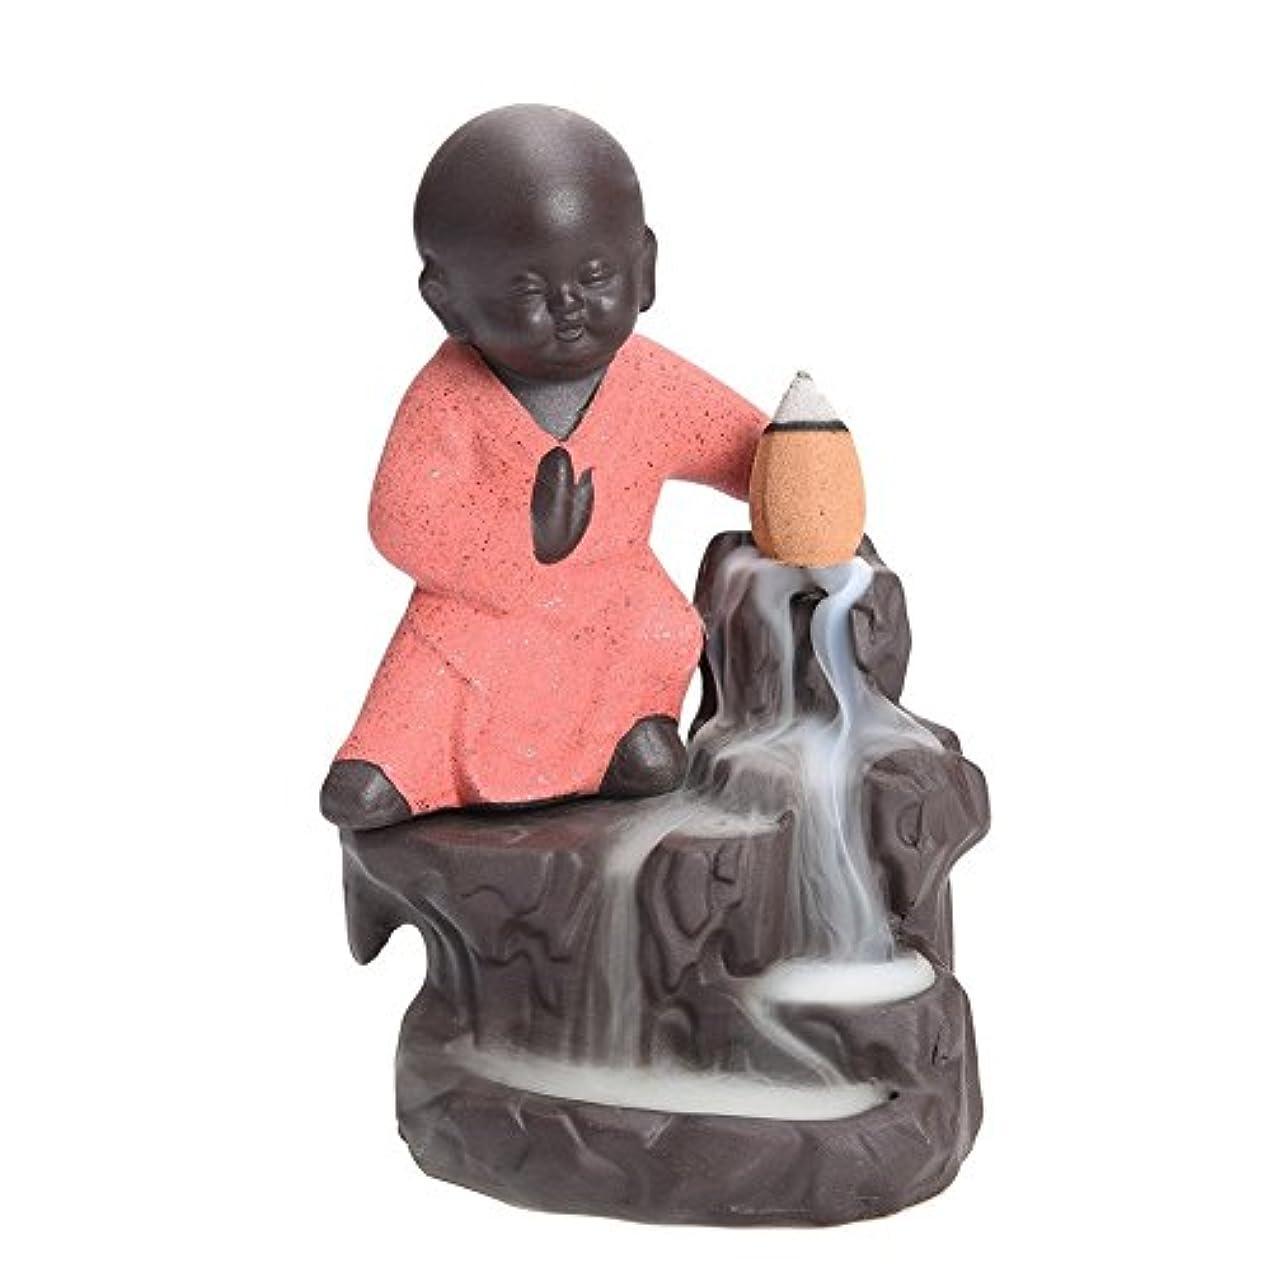 予定砦バンドル逆流香炉タワーCones Sticks Little Monkホルダーセラミック磁器Buddha Monk AshキャッチャーbySimon & # xff08 ;ピンク& # xff09 ;